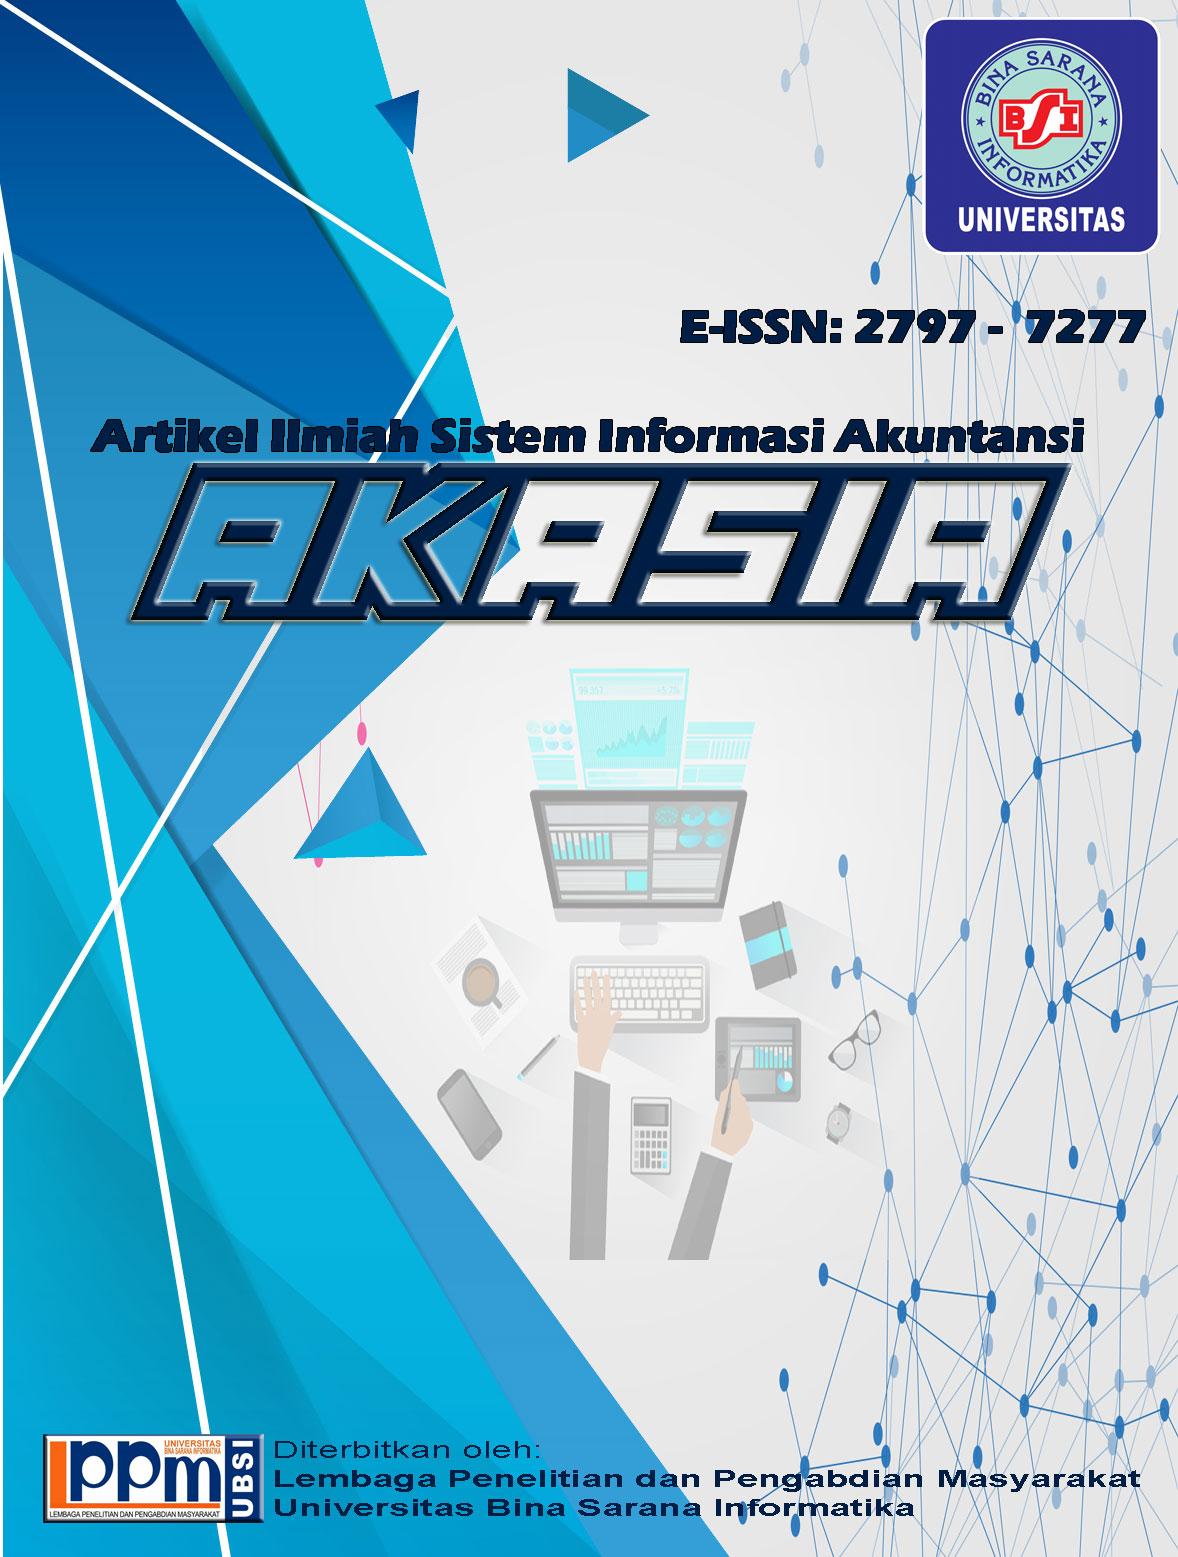 Artikel Ilmiah Sistem Informasi Akuntansi (AKASIA)